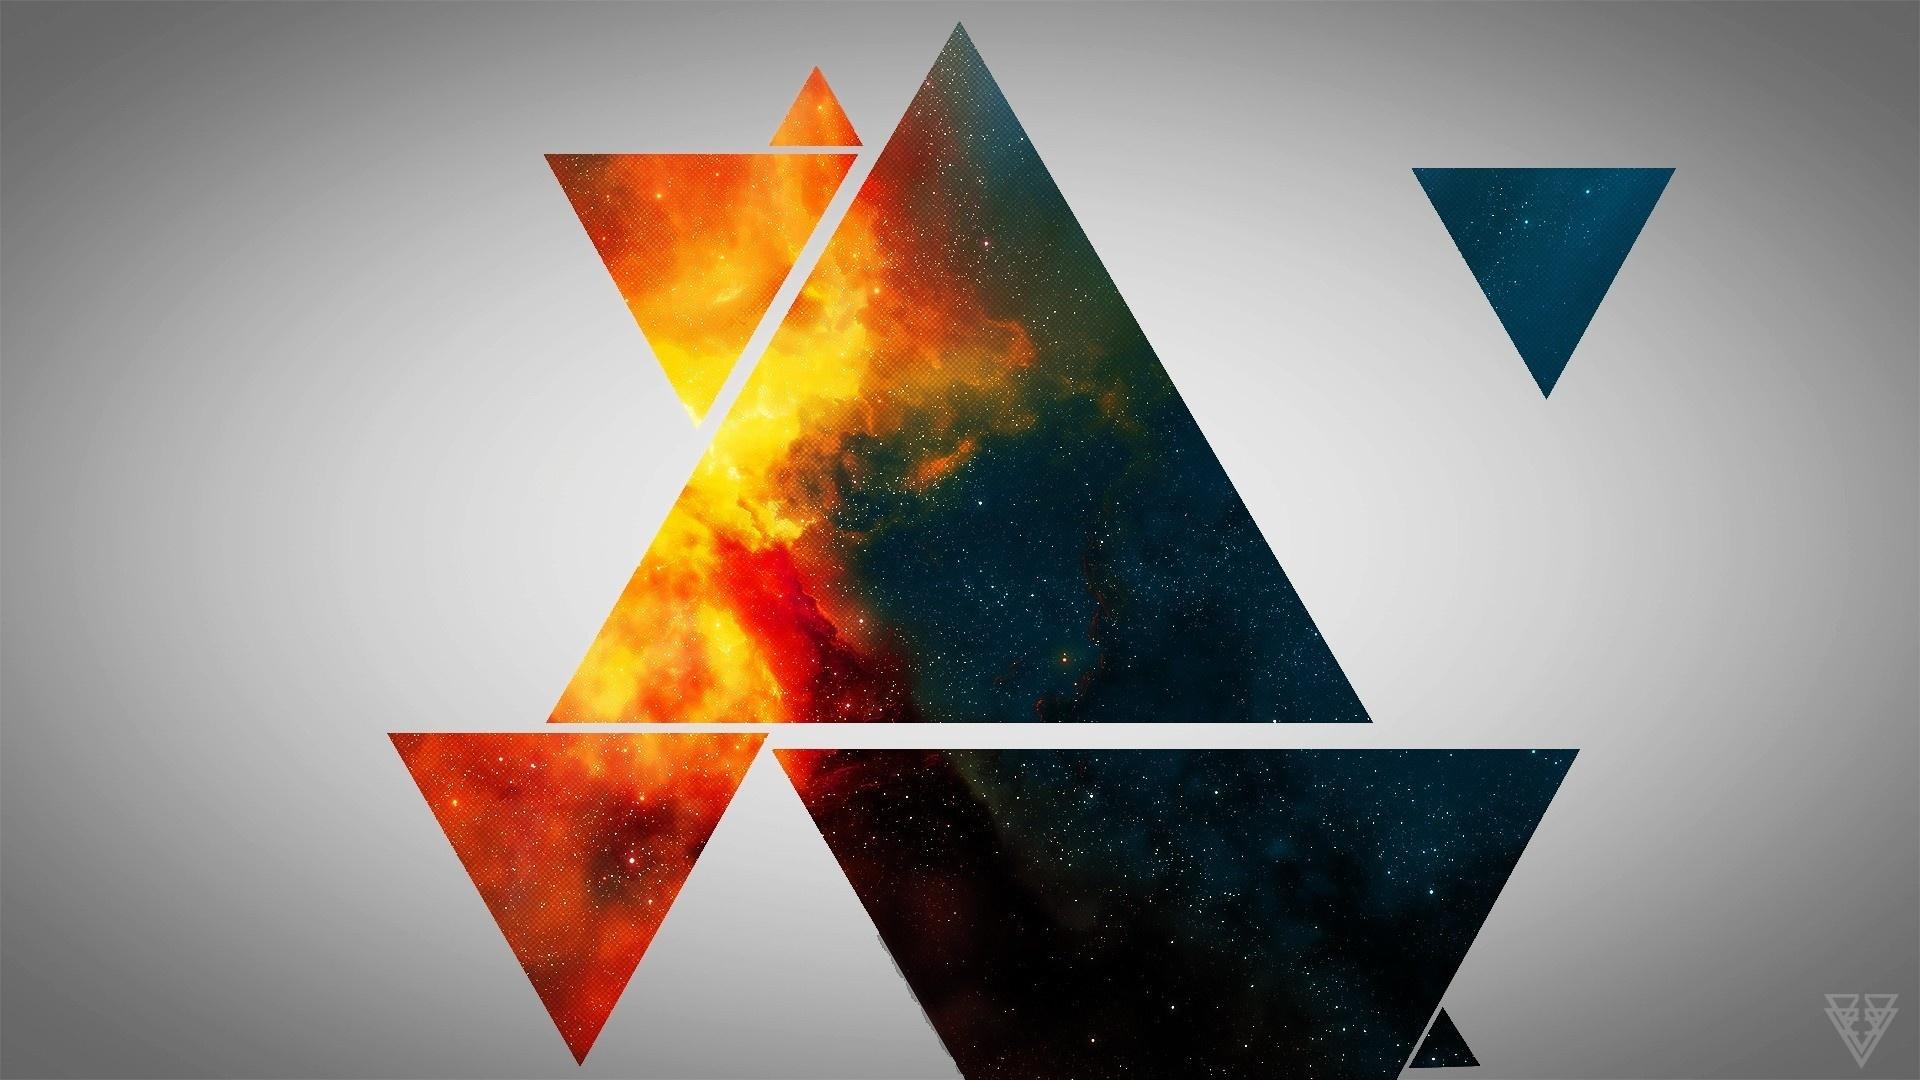 эффект фото в треугольнике жизнь матом, похабным